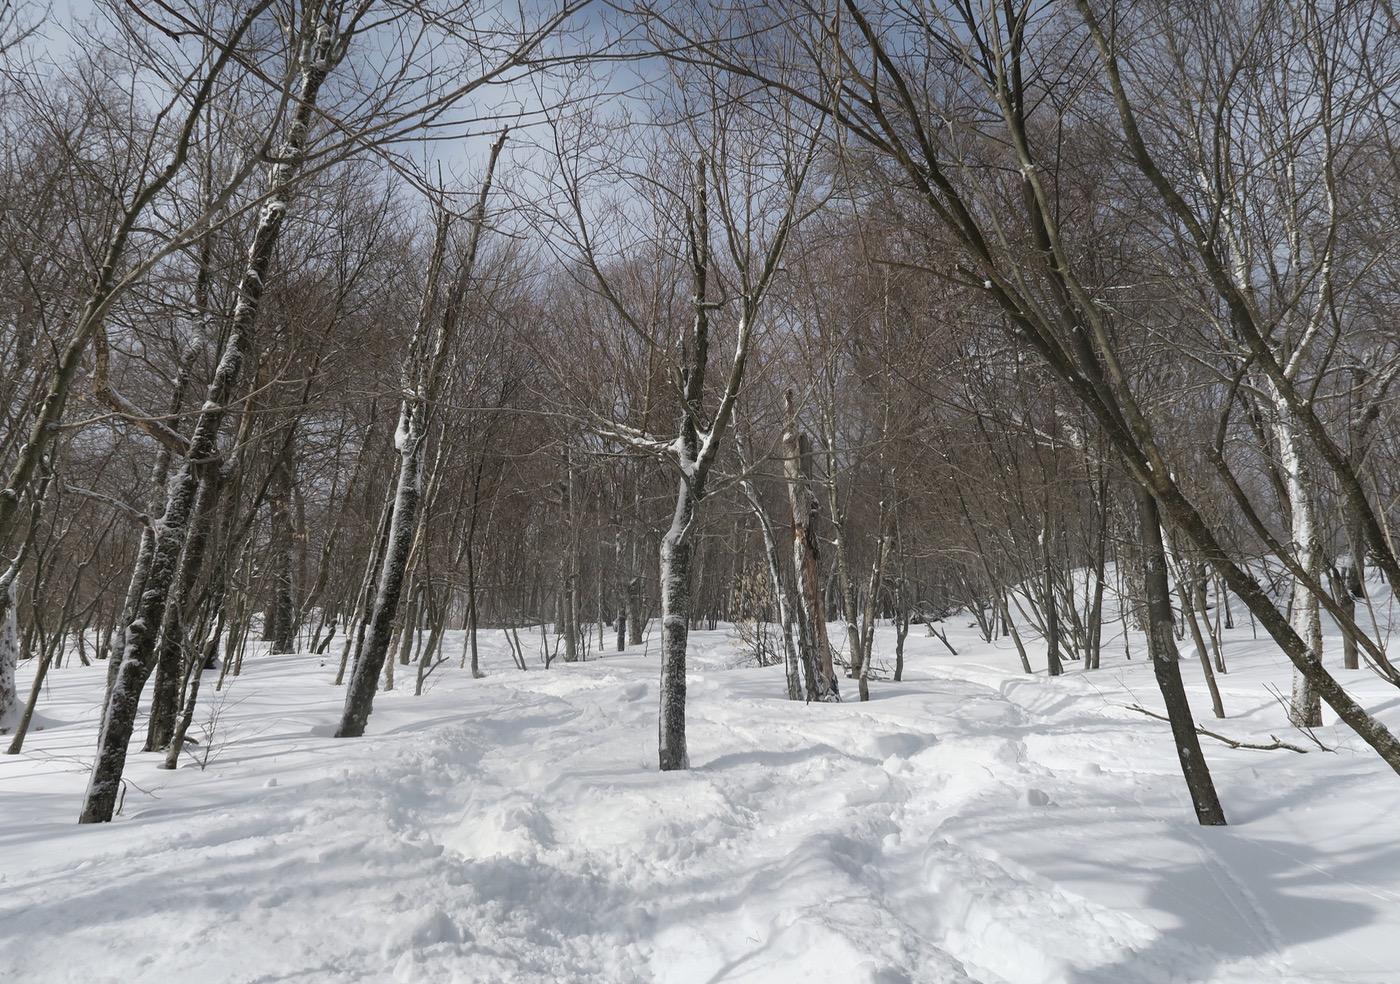 Plattekill trees